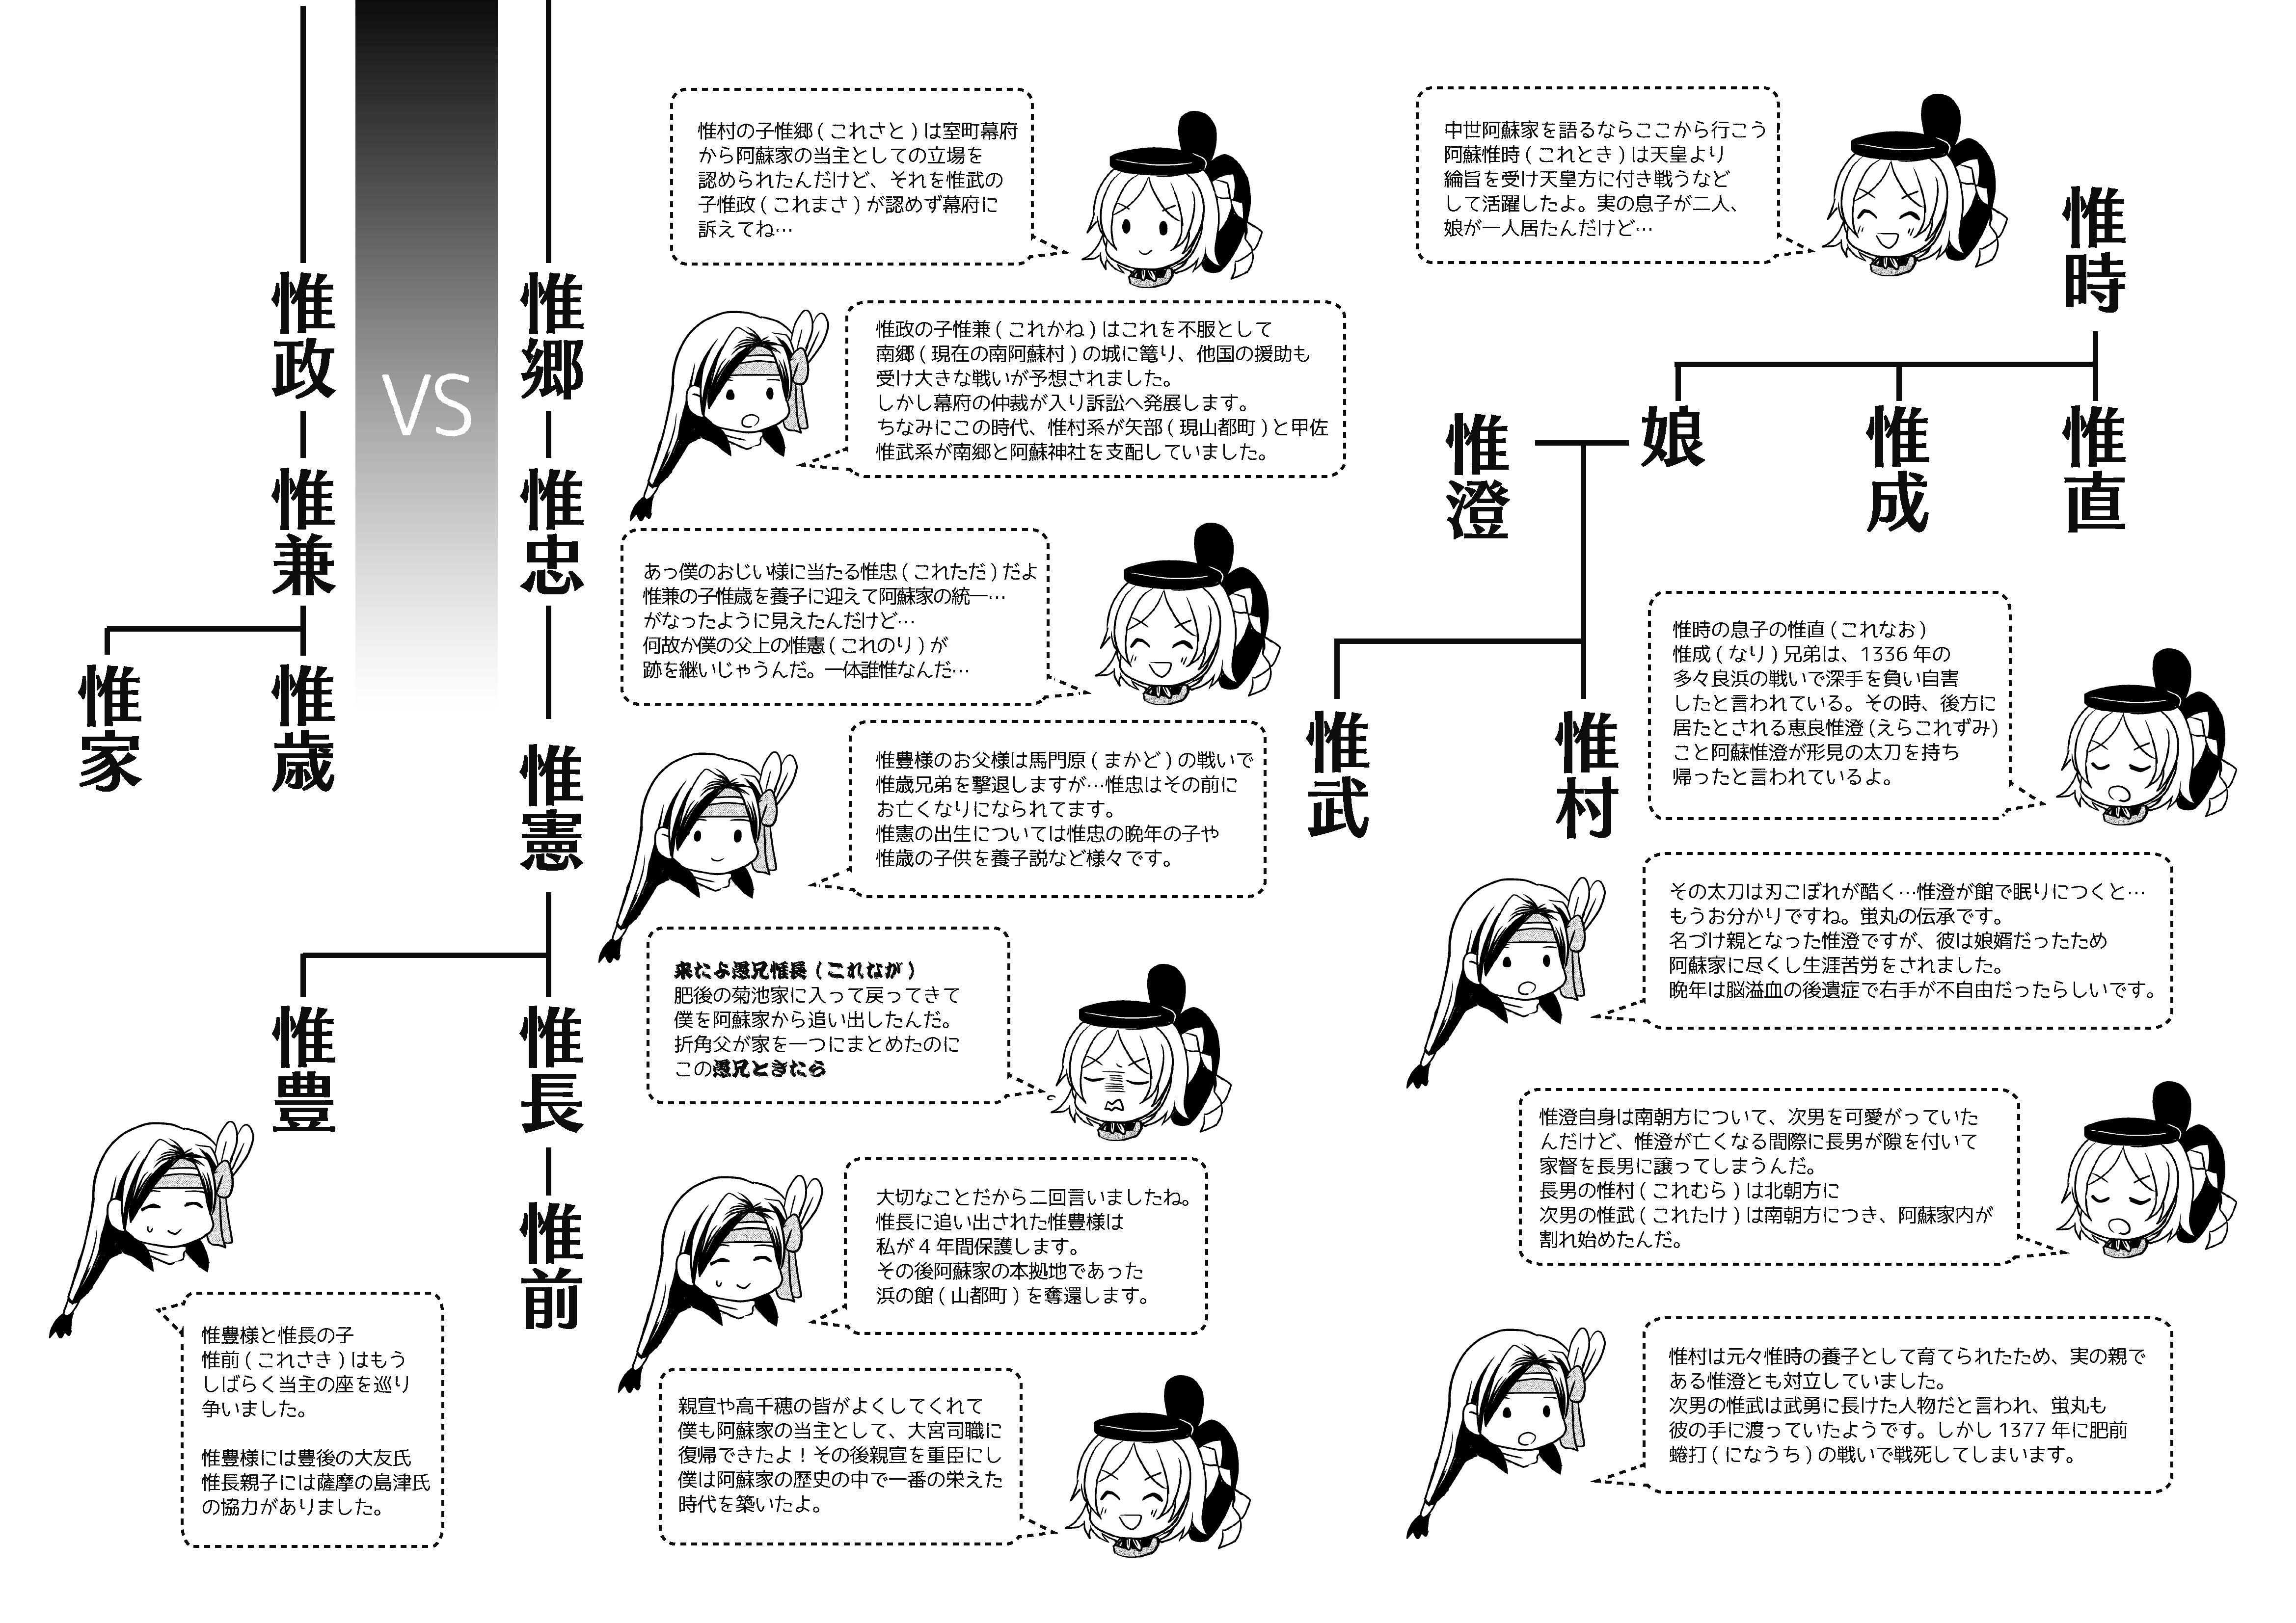 中世阿蘇家略図 - 48khz content...